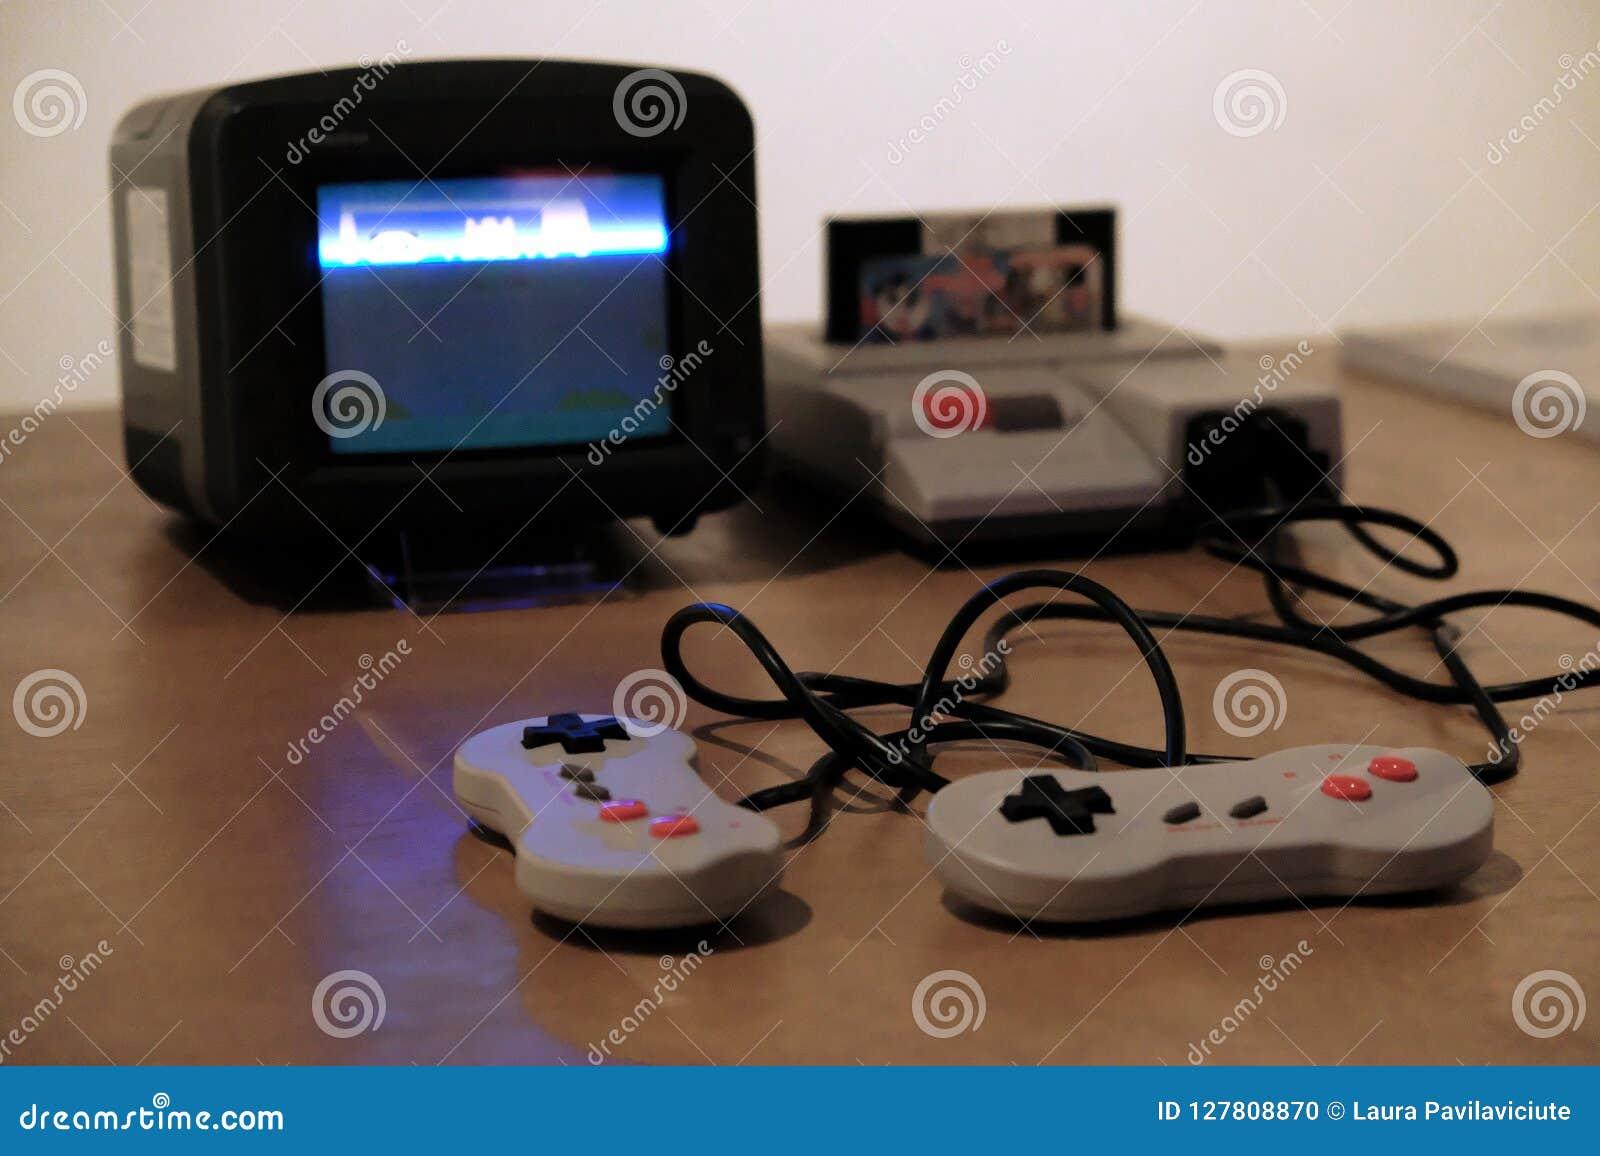 Retro games stock photo  Image of blast, cozy, home - 127808870